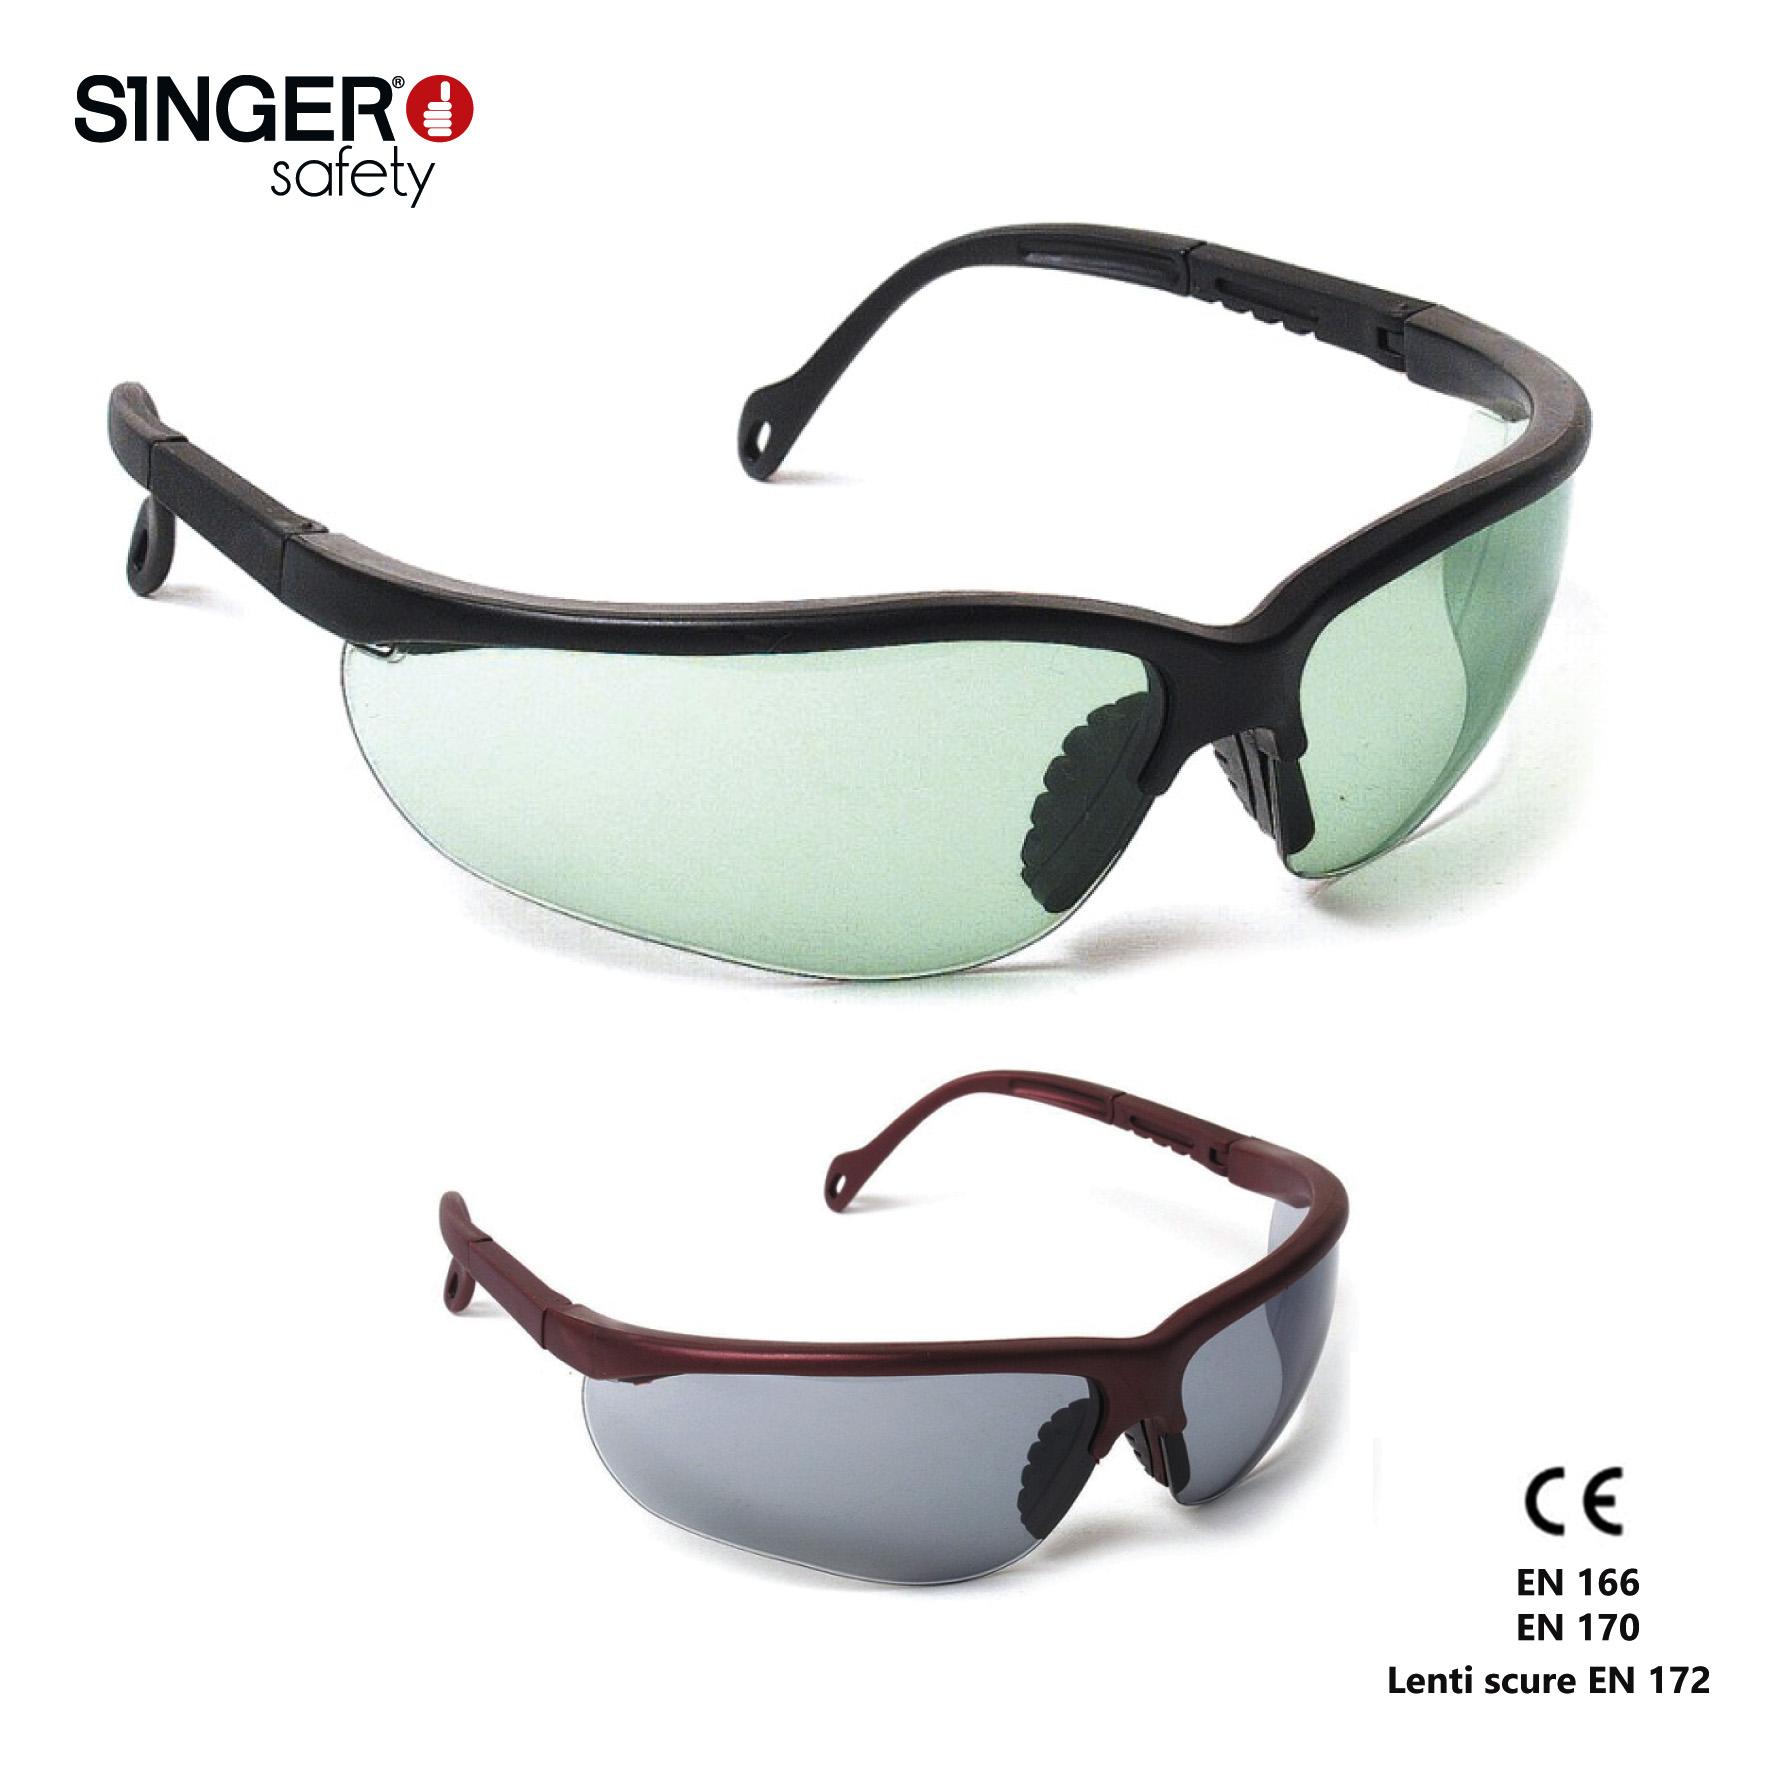 accessori-protezione-singer-safety